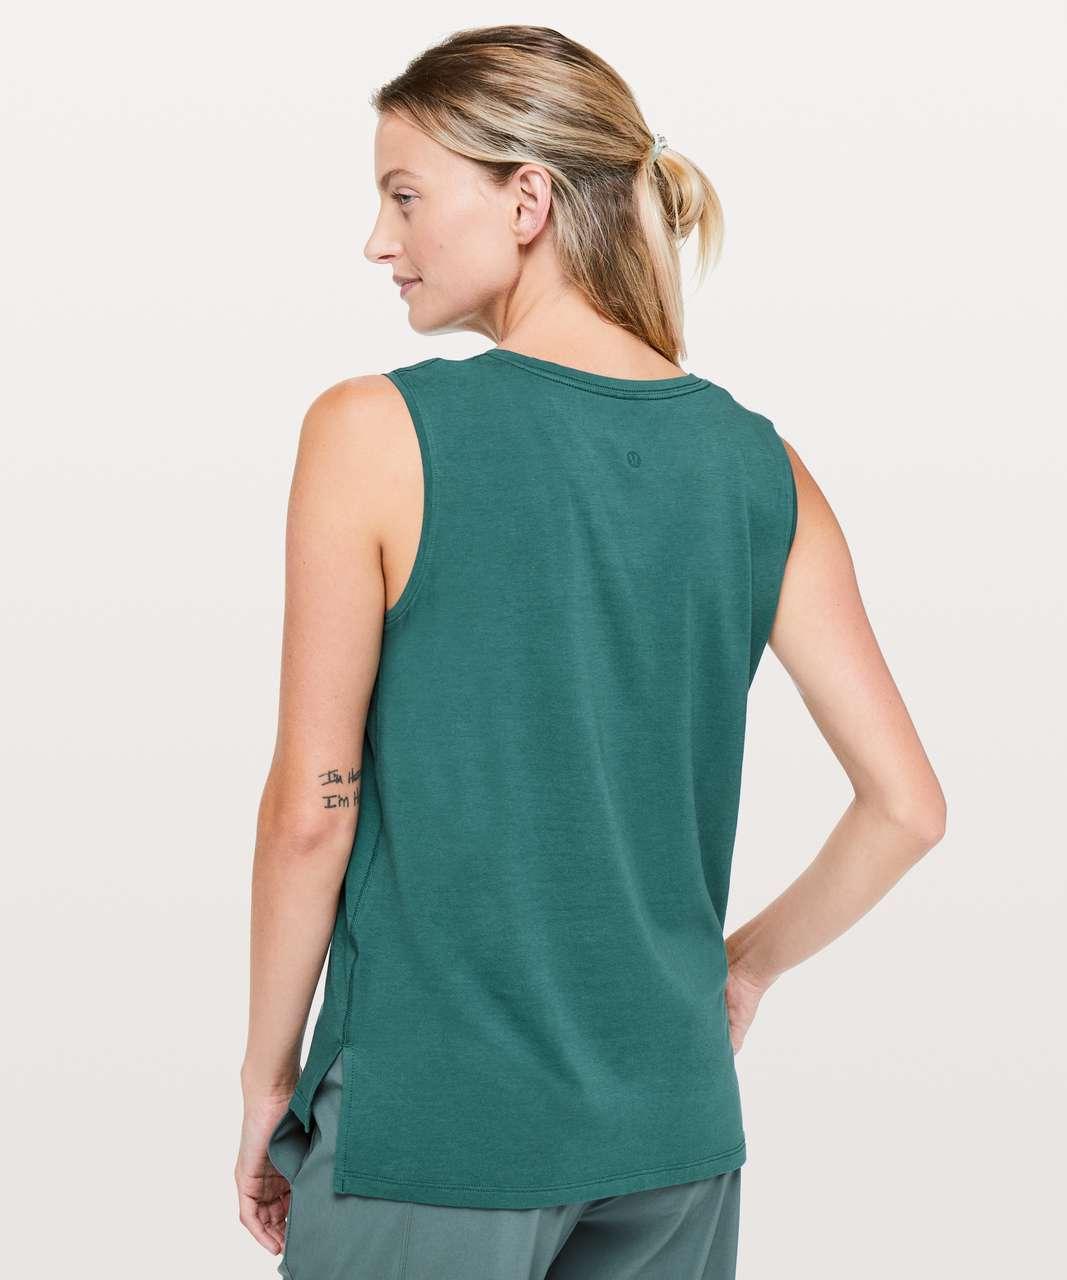 Lululemon Love Sleeveless Tank - Green Jasper